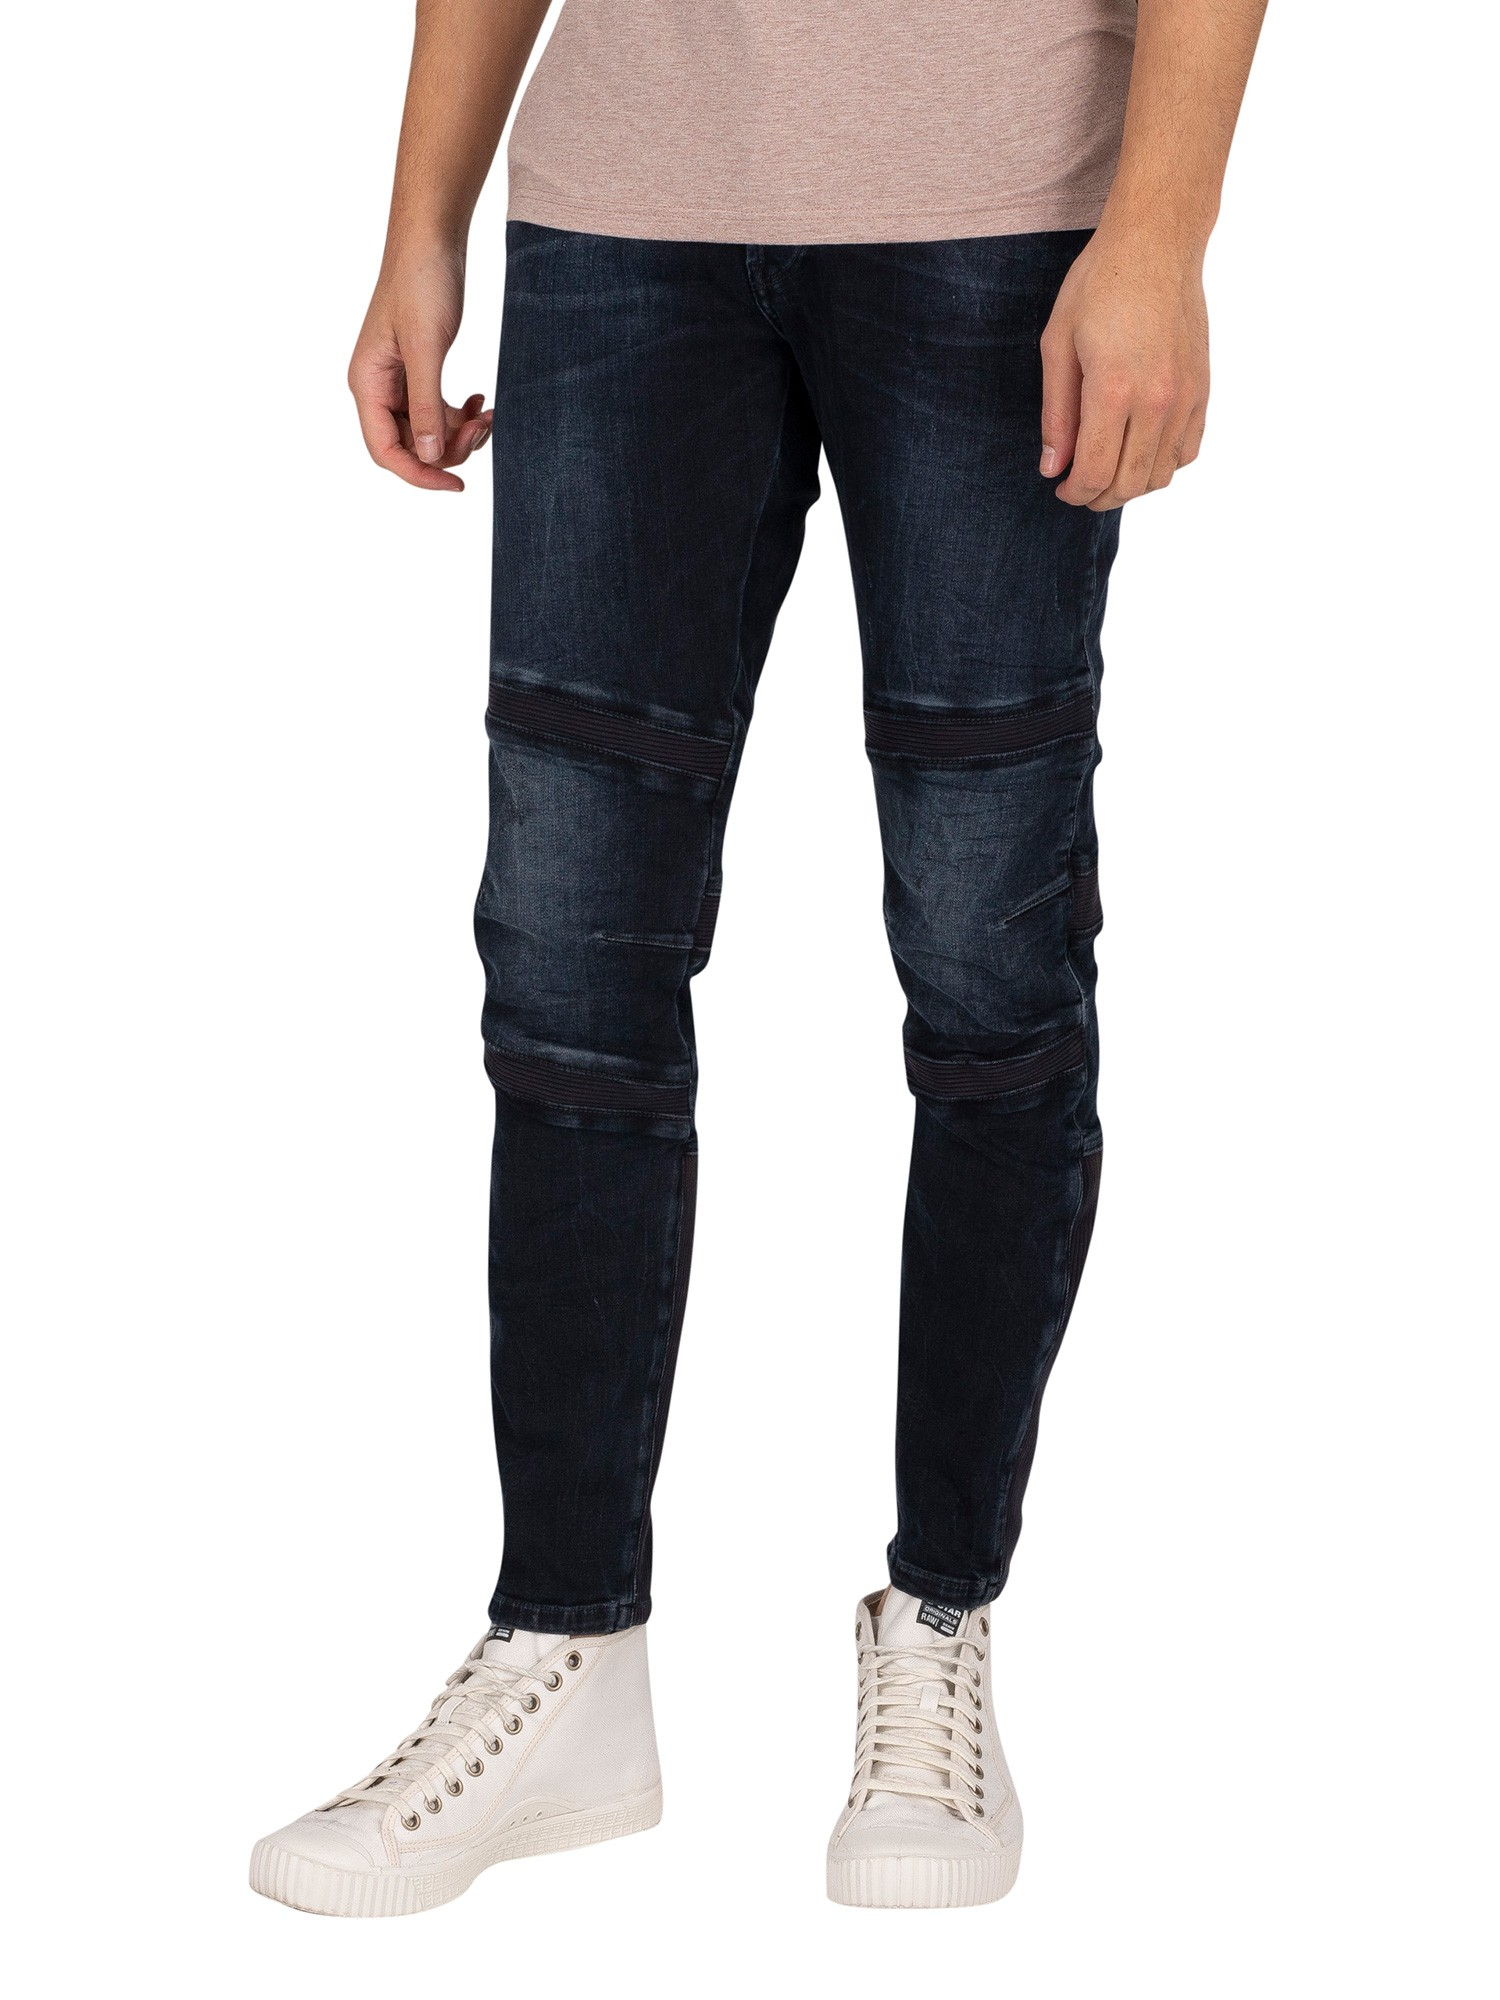 Votac 3D Slim Jeans